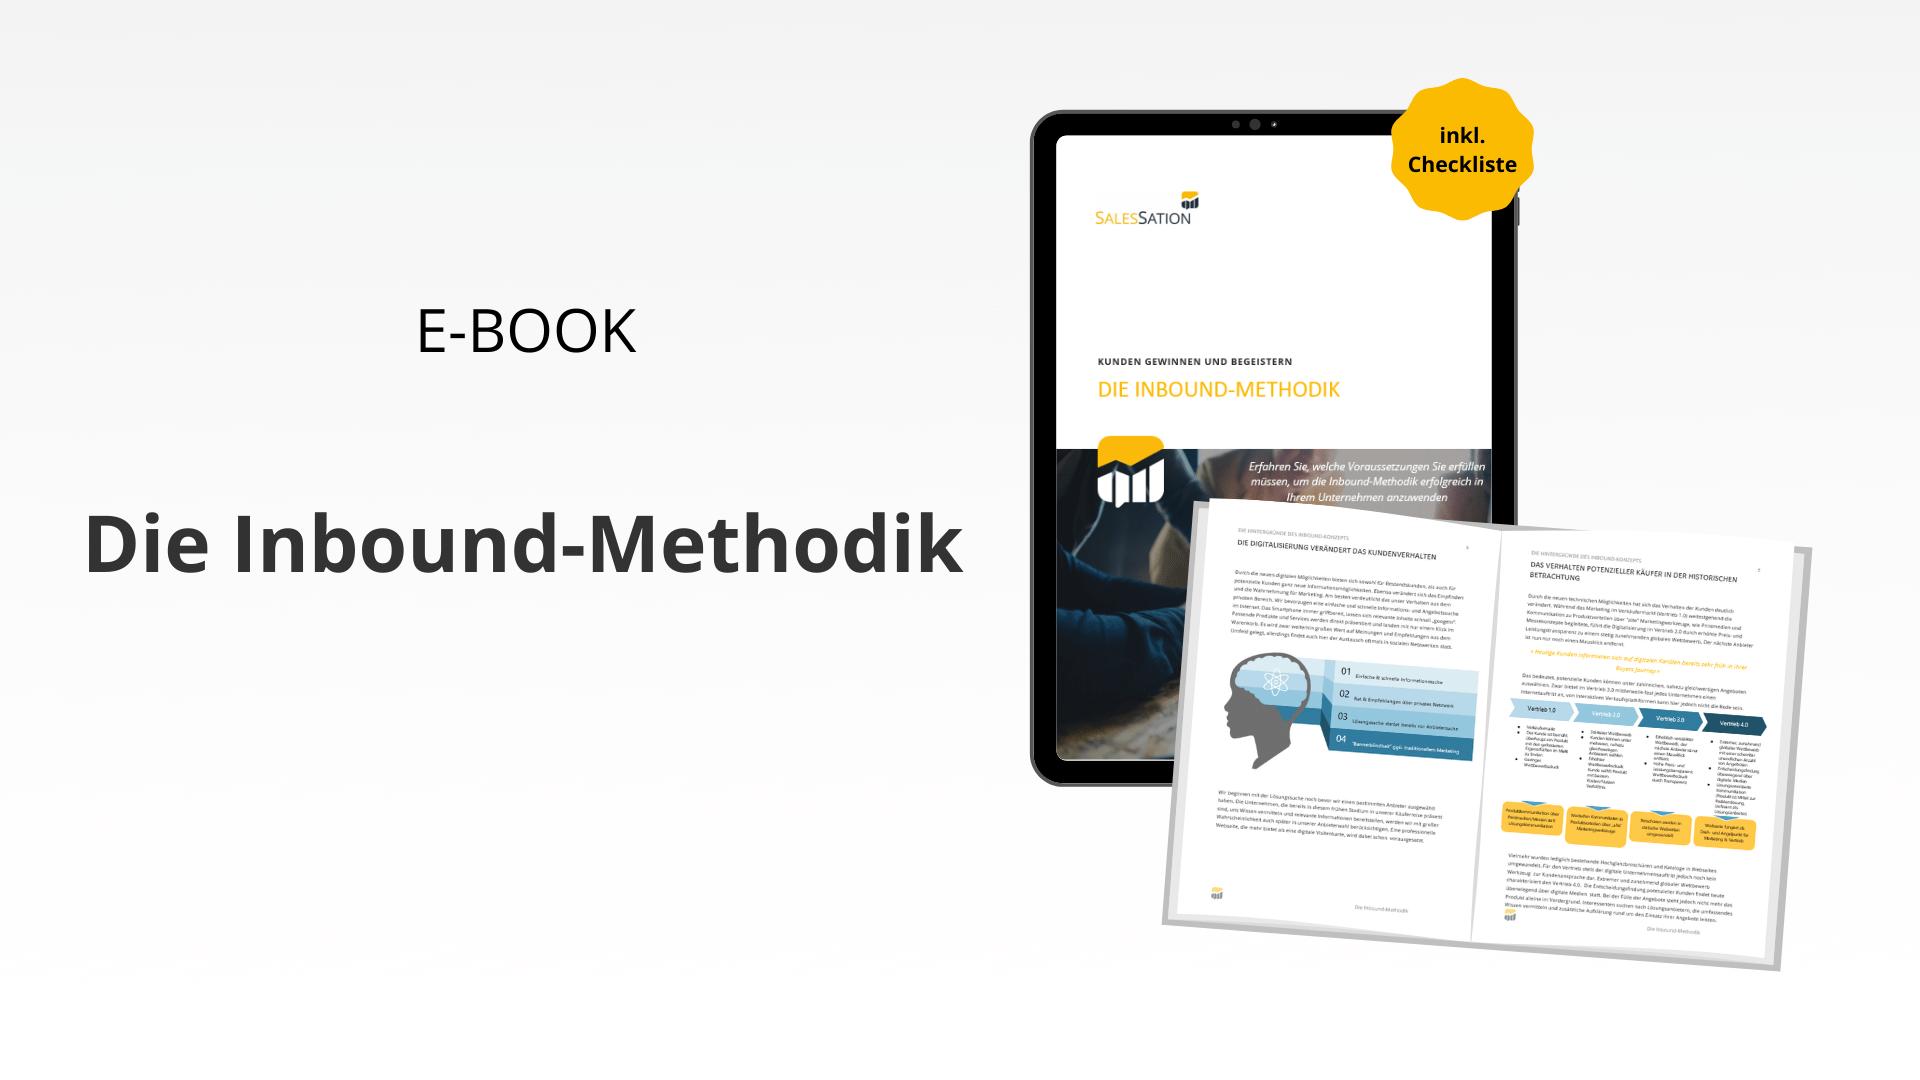 ebook-salessation-die-inbound-methodik (7)